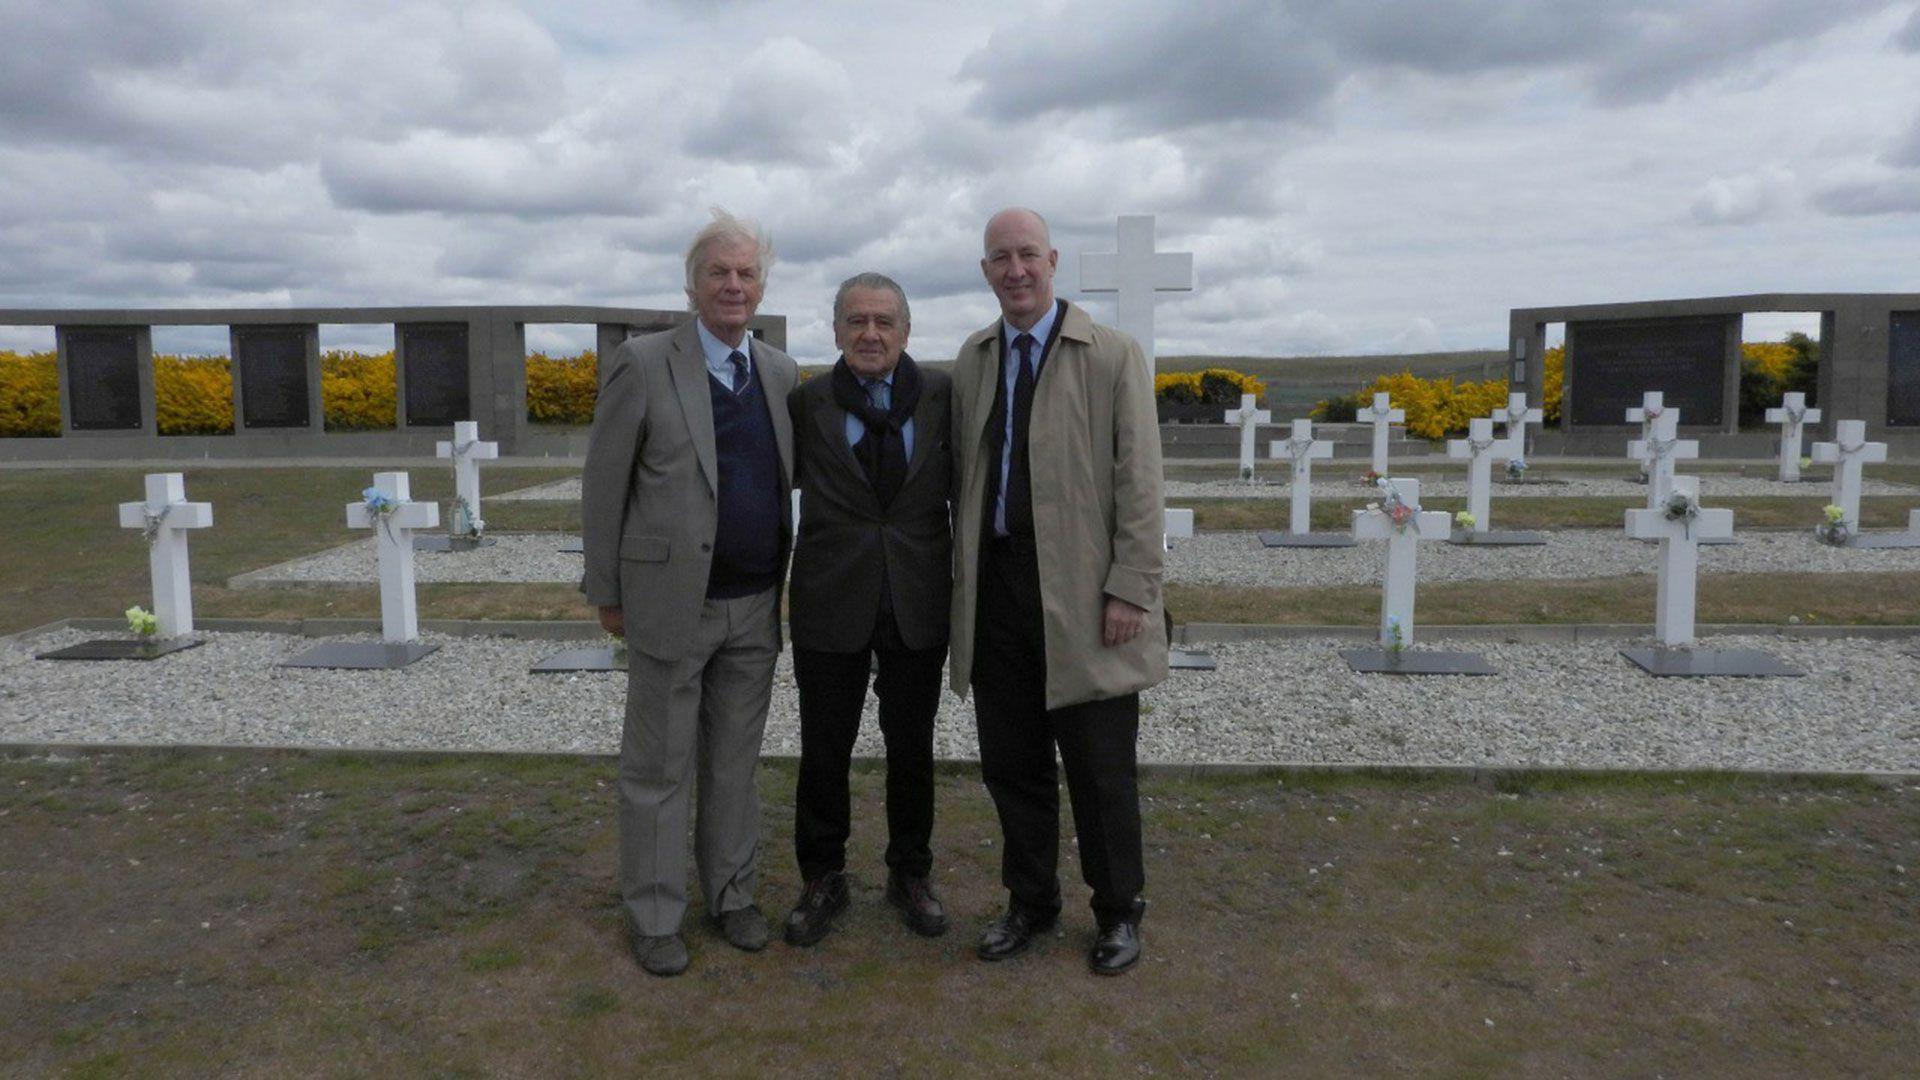 Malvinas, 2018: Eduardo Eurnekian, rodeado por Robin Christopher, ex embajador británico en la Argentina, y Mark Kent, actual embajador